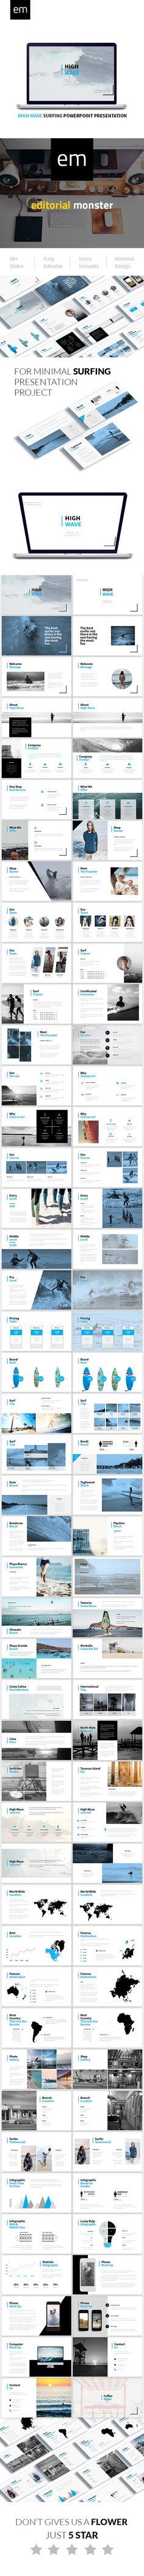 High Wave - Surfing Powerpoint Presentation